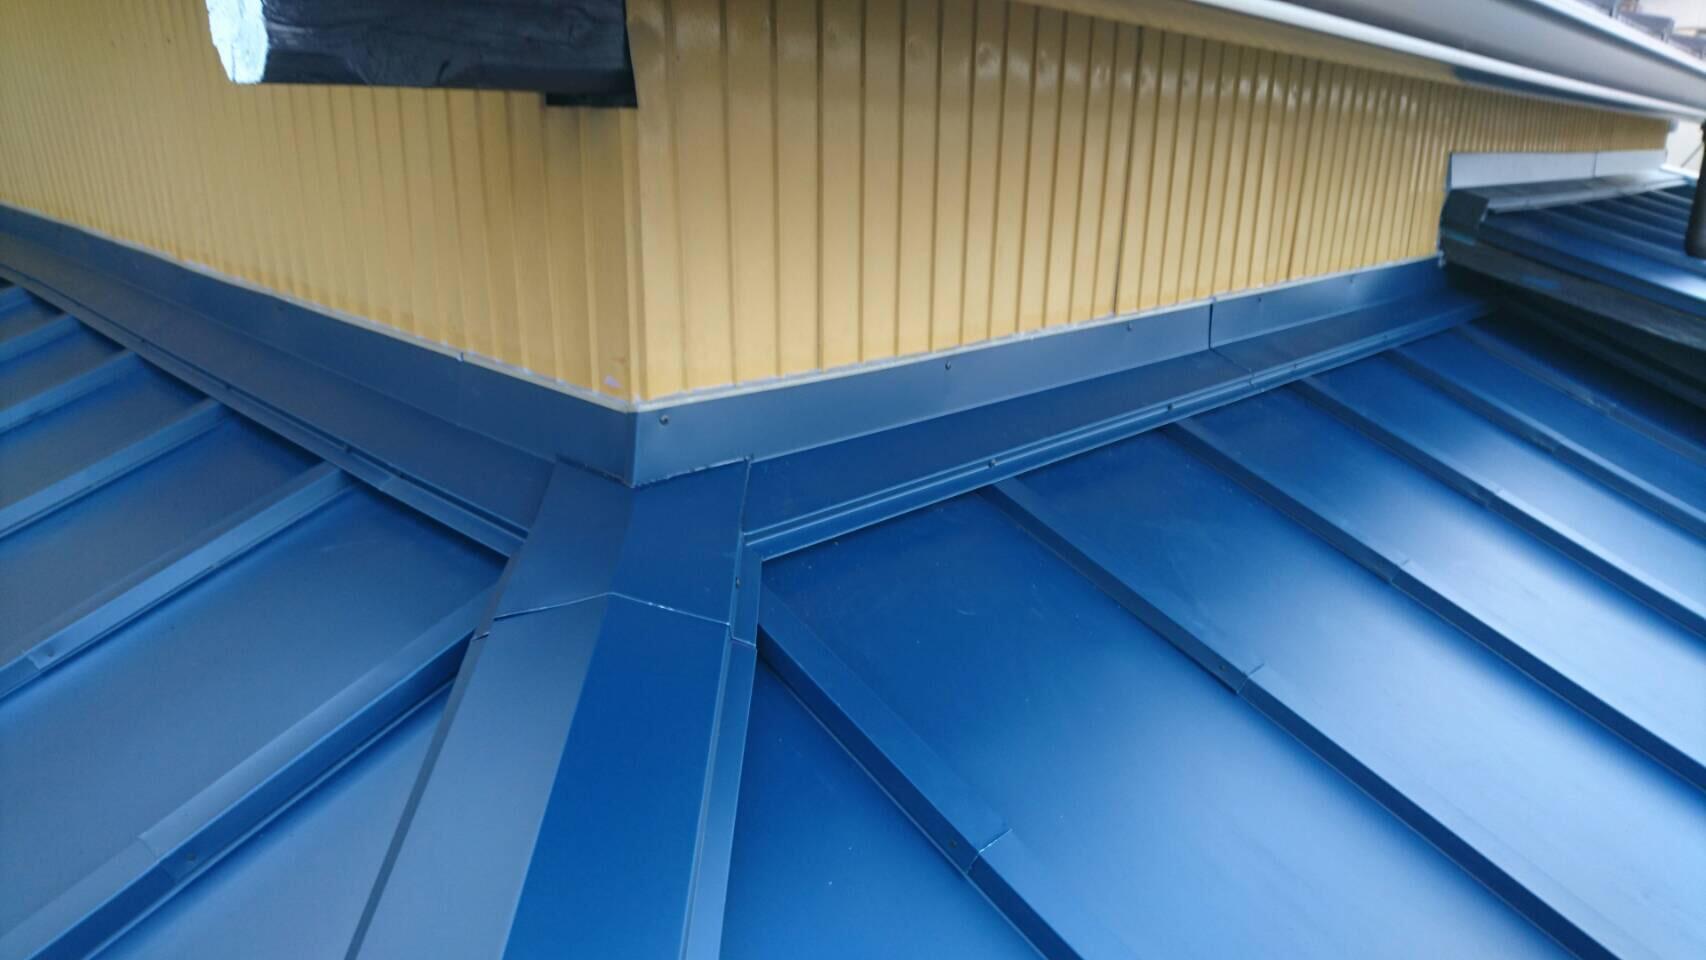 さいたま市 屋根の葺き替え工事 完成